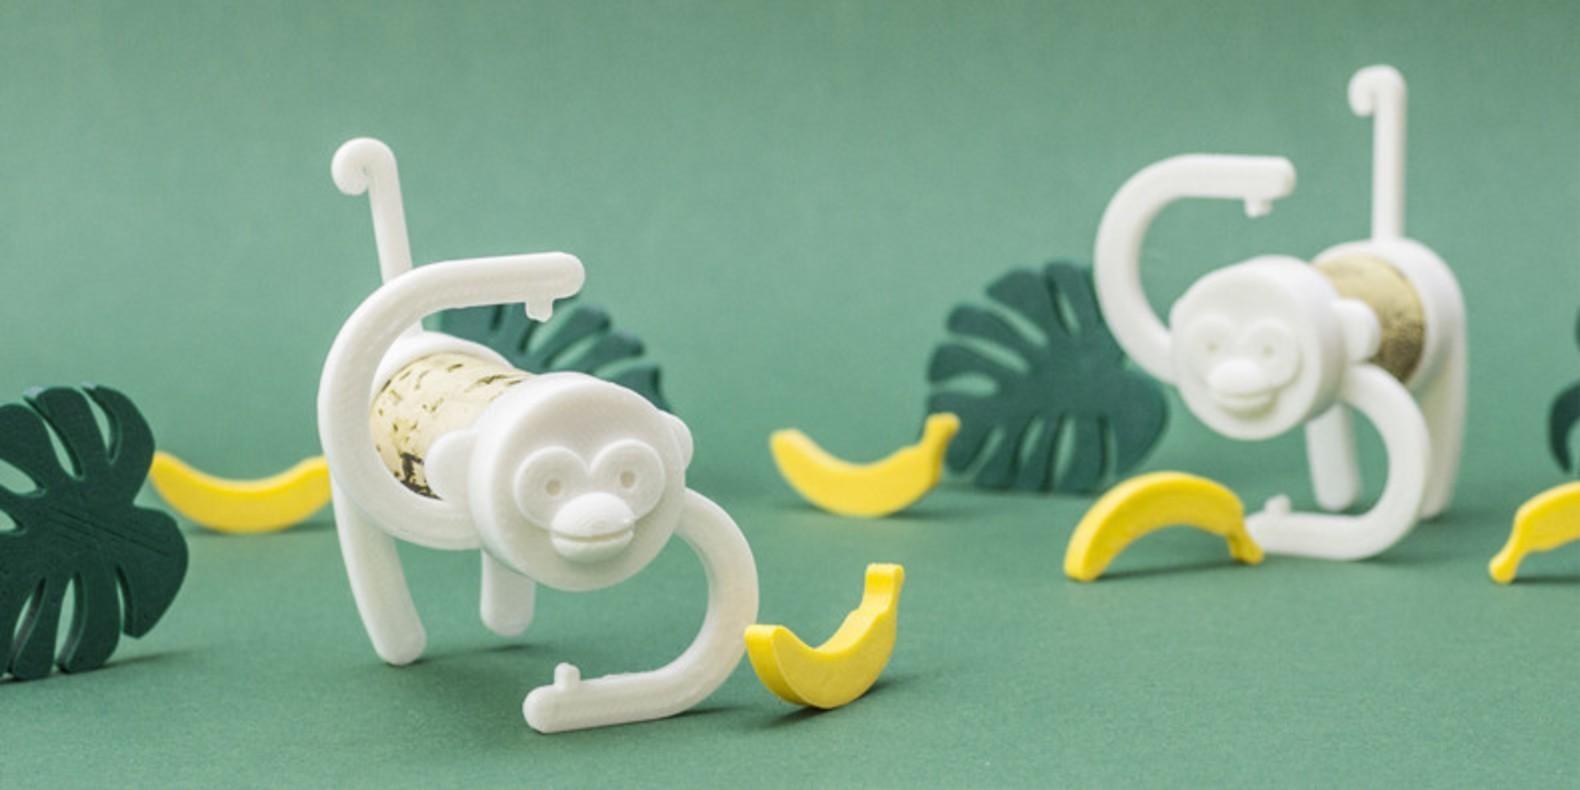 Voici une sélection des meilleurs fichiers 3D pour imprimer en 3D toutes sortes d'animaux